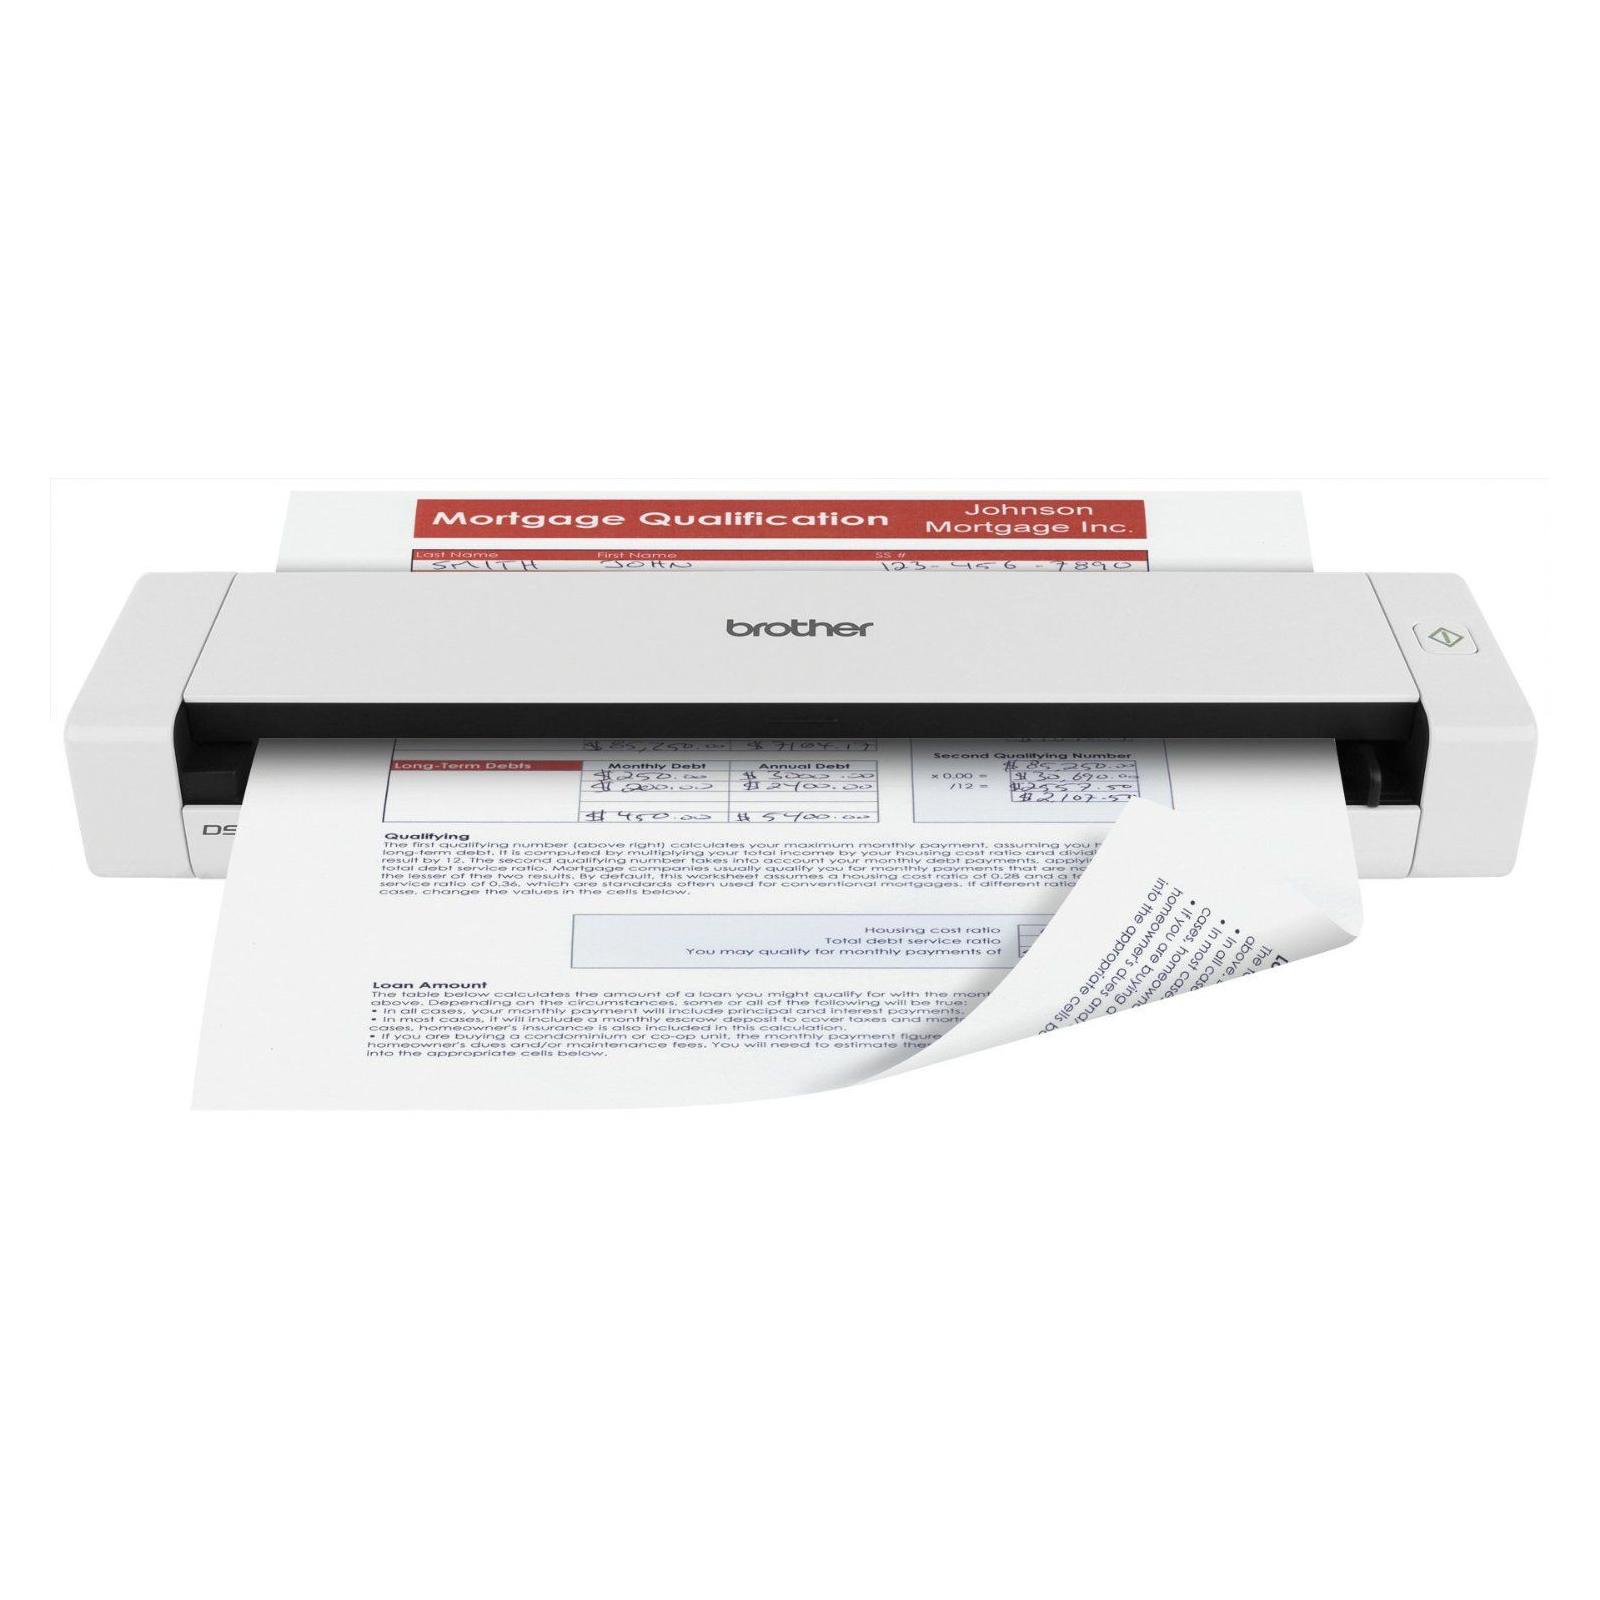 Сканер Brother DS-720D (DS720DZ1) изображение 5